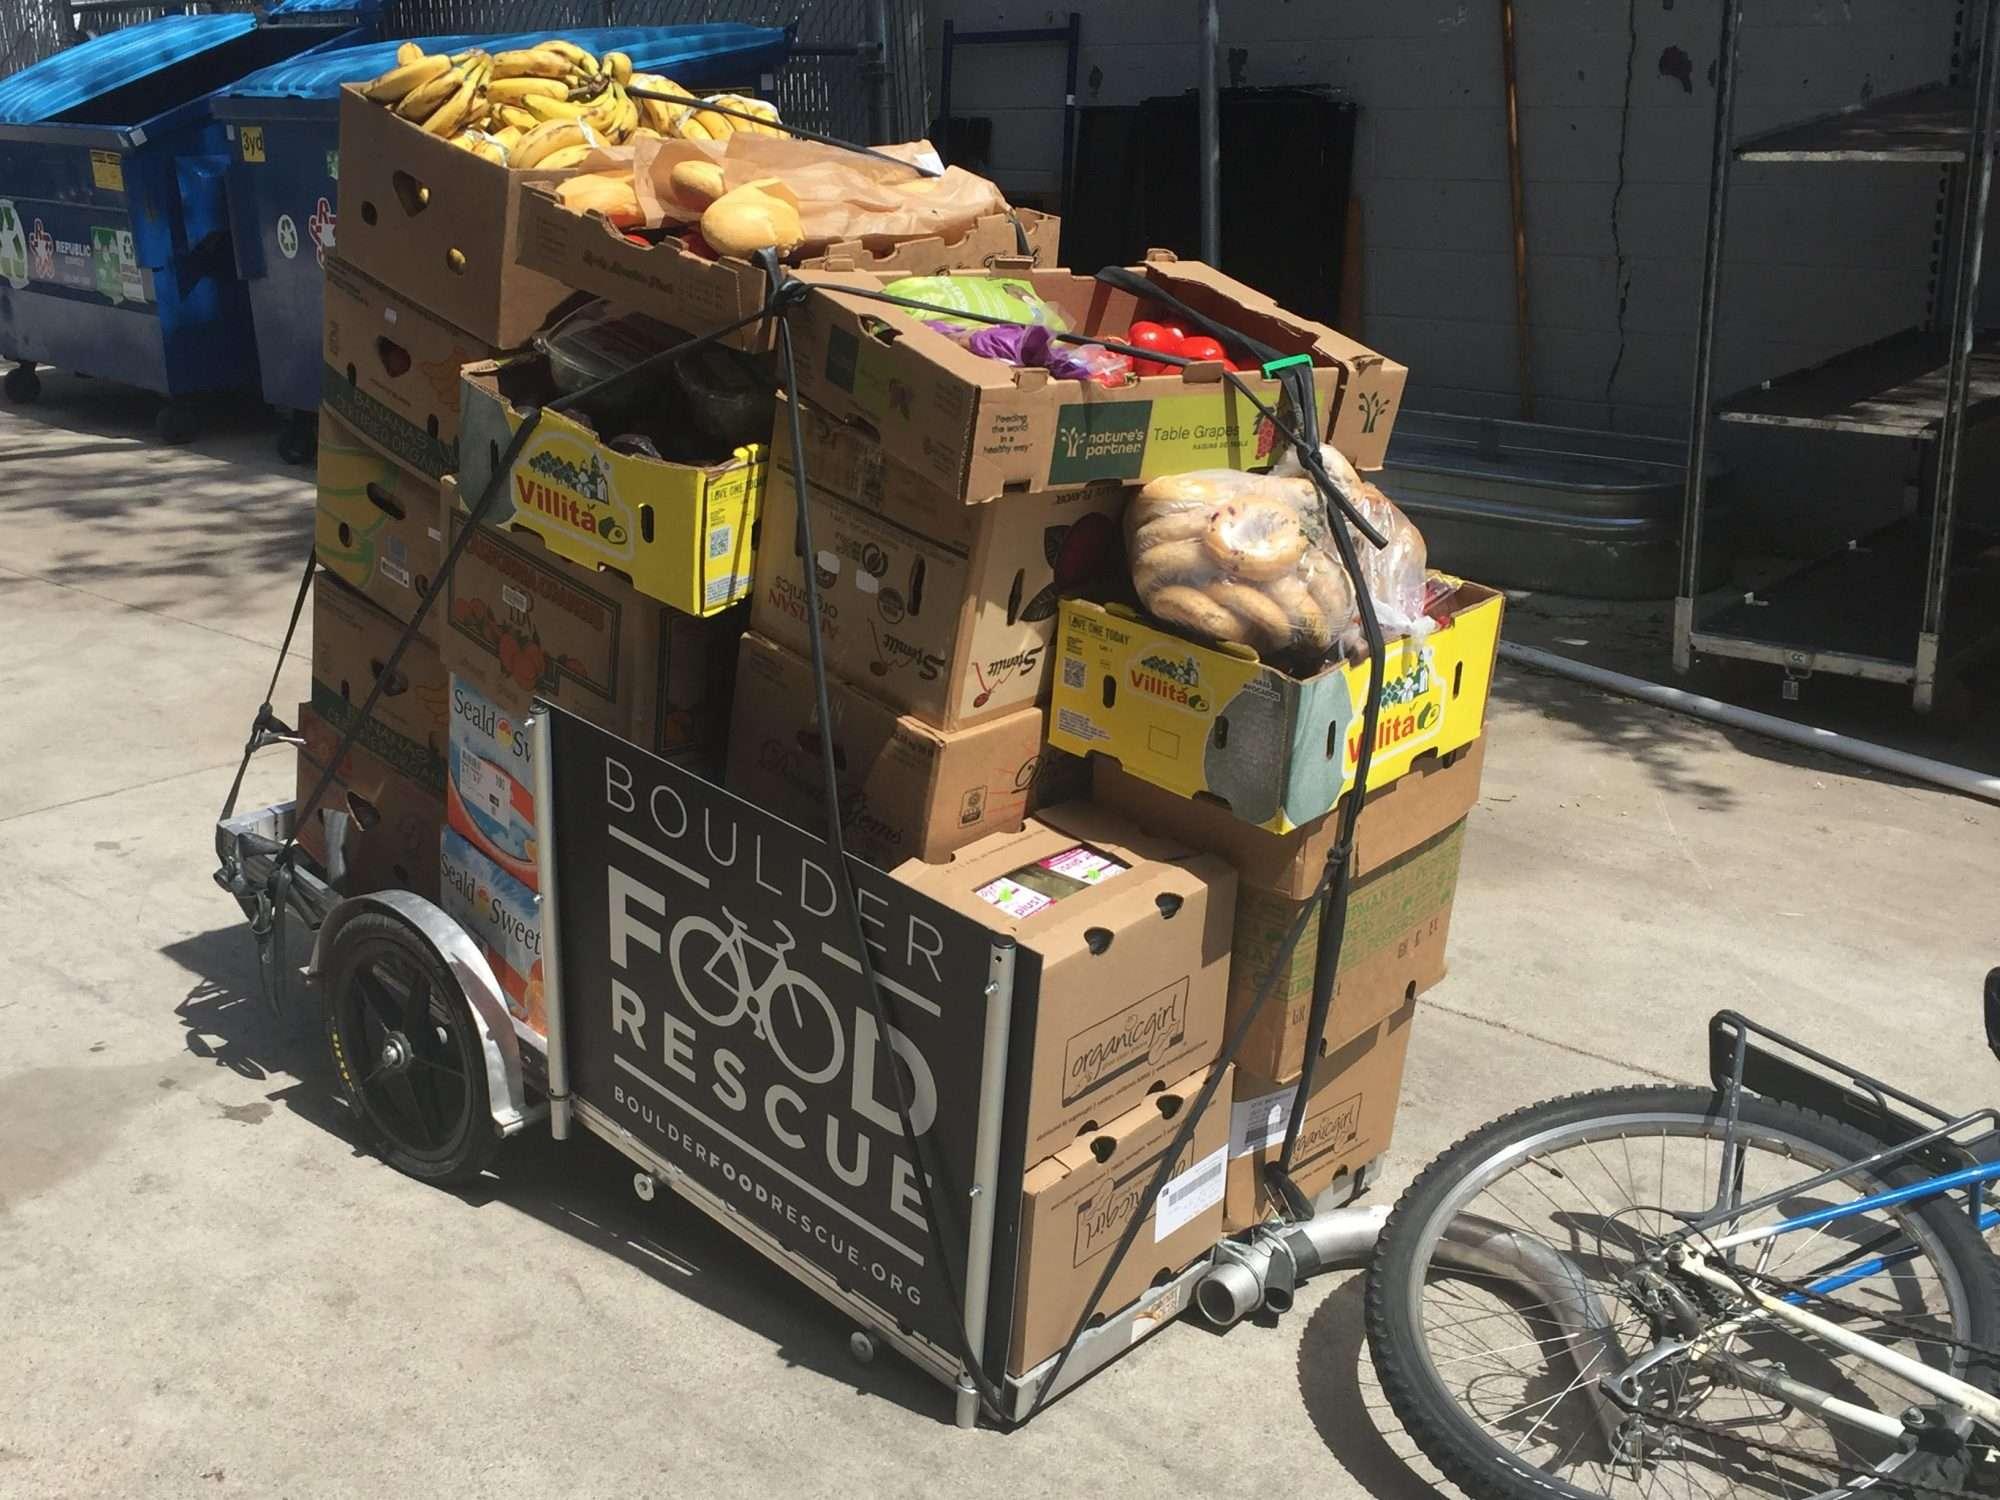 Boulder Food Rescue Bike Trailer of Food